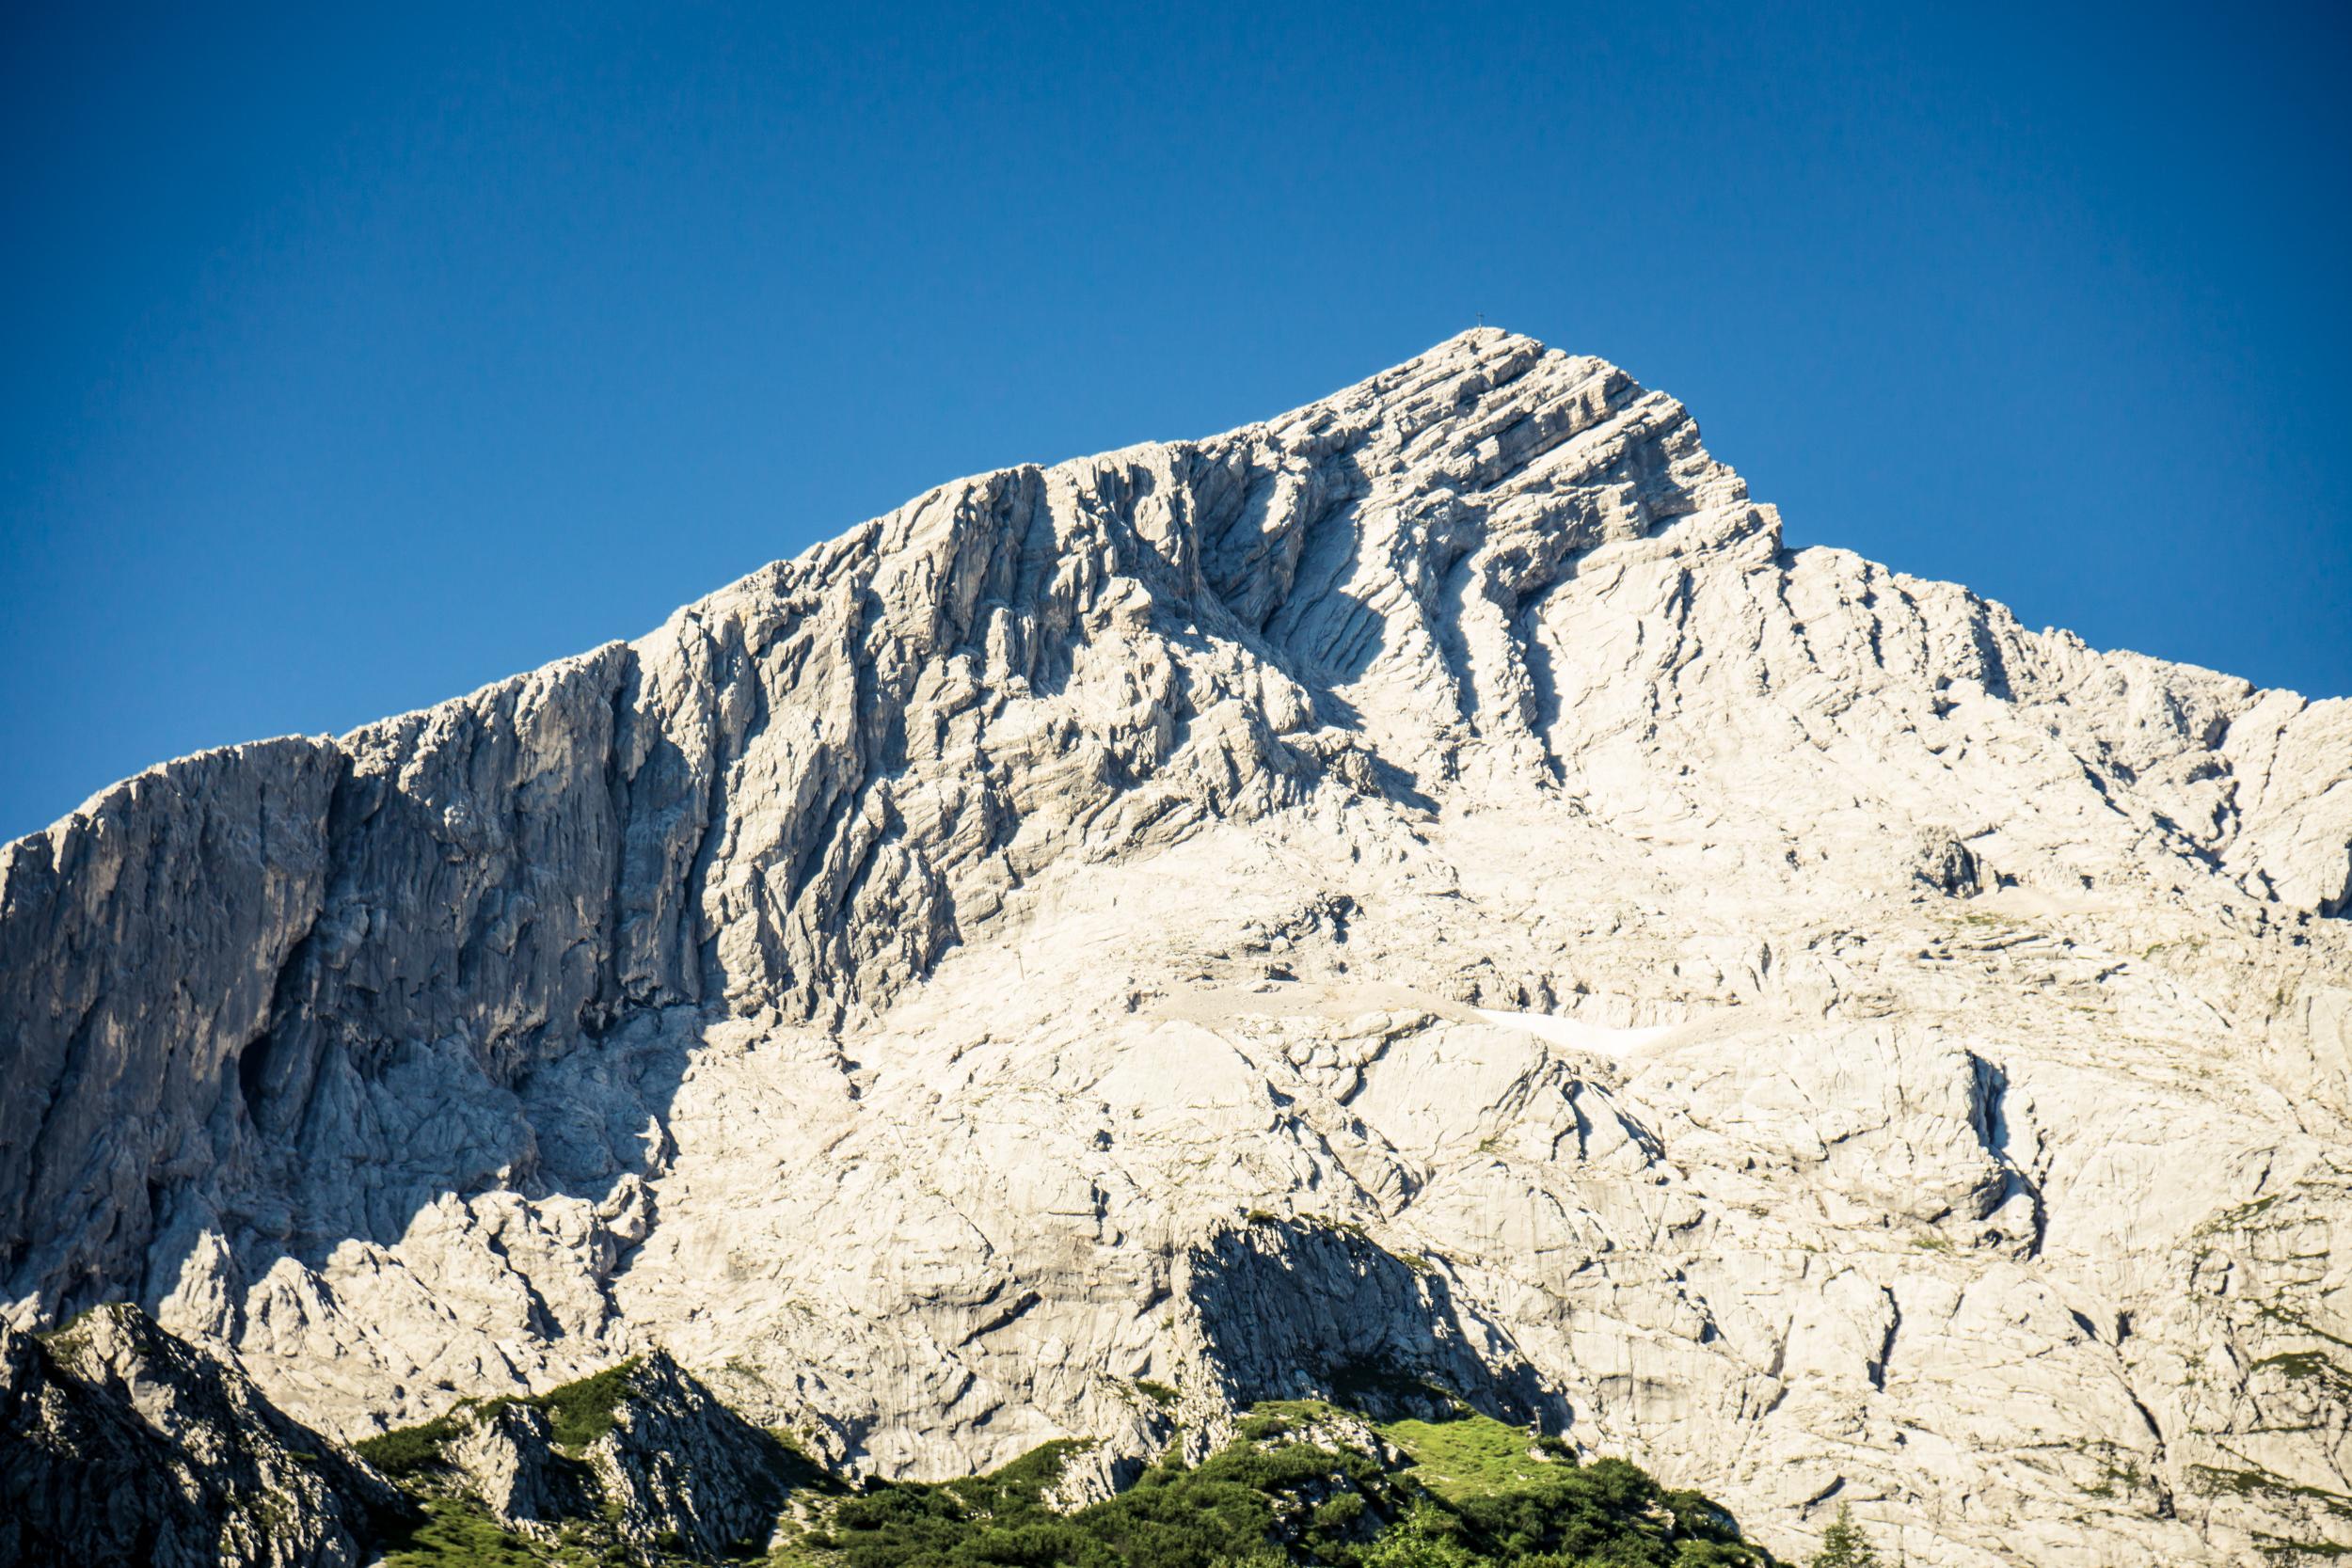 Klettersteigset Ausleihen Garmisch : Geführte tour über die ferrata auf alpspitze